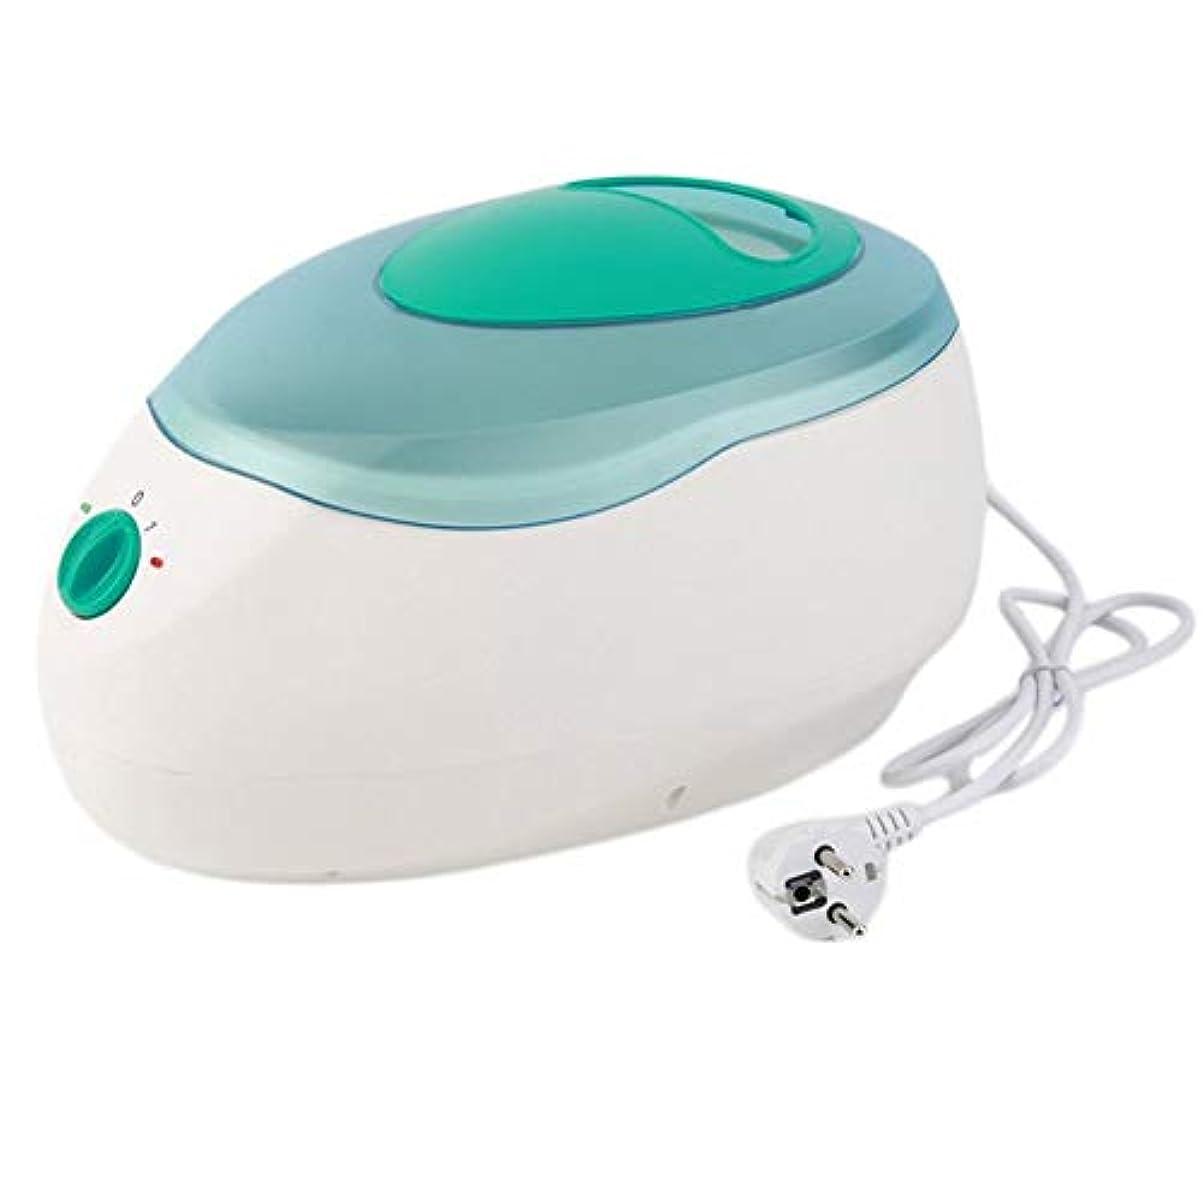 存在センター摂氏度手および足ボディワックスの毛の取り外しのためのワックス機械パラフィン療法の浴のワックスの鍋のウォーマーの美容院装置の鉱泉150W,グリーン